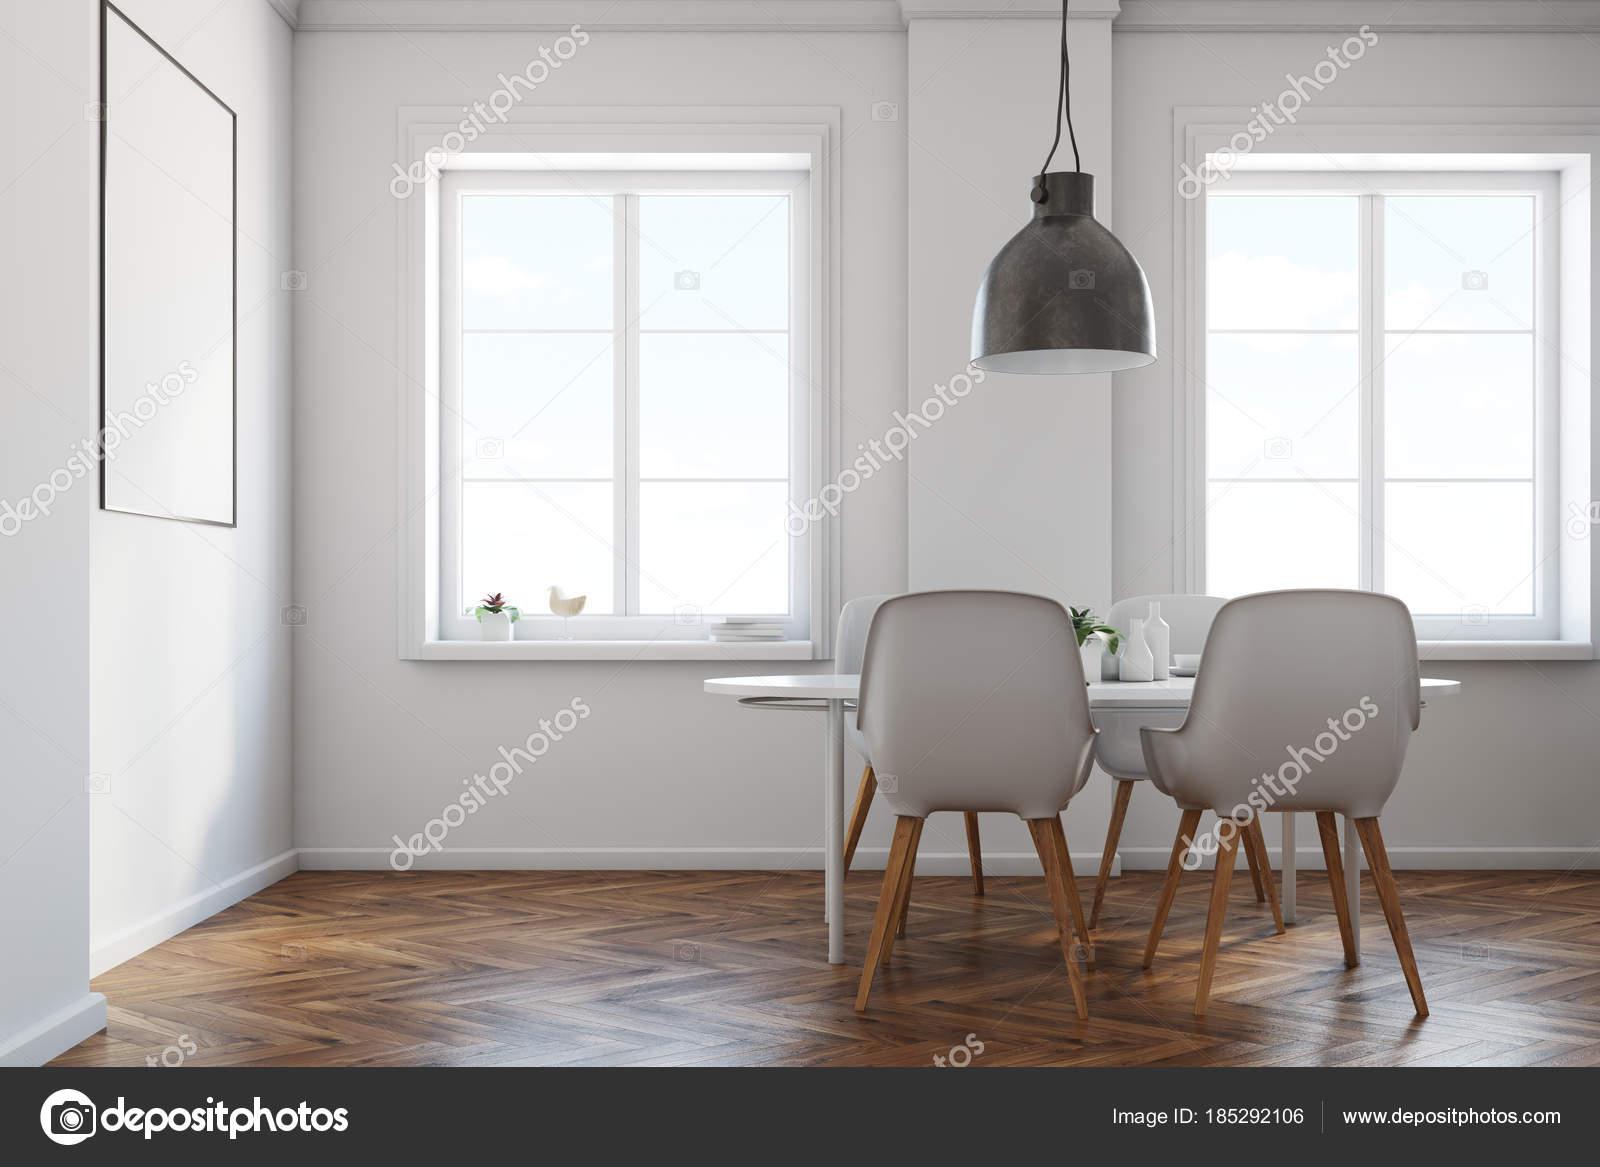 Blanc, salle à manger, parquet, vue latérale affiche ...